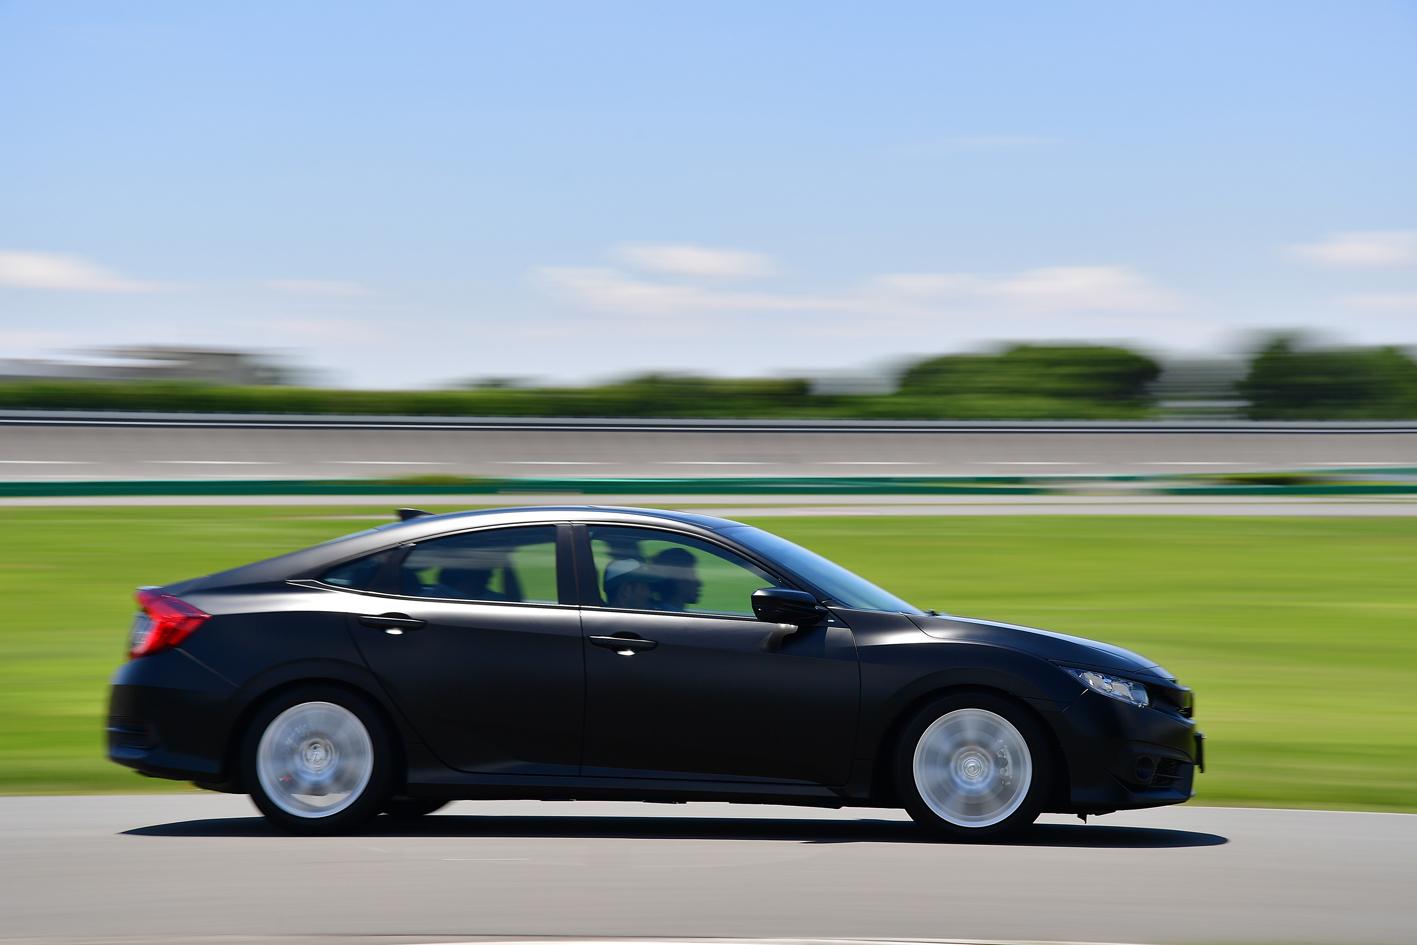 2017年6月の時点で報道関係者に試乗させた謎の(シビックベース)モデル車。あれが新型ハイブリッド車の布石だったとは……